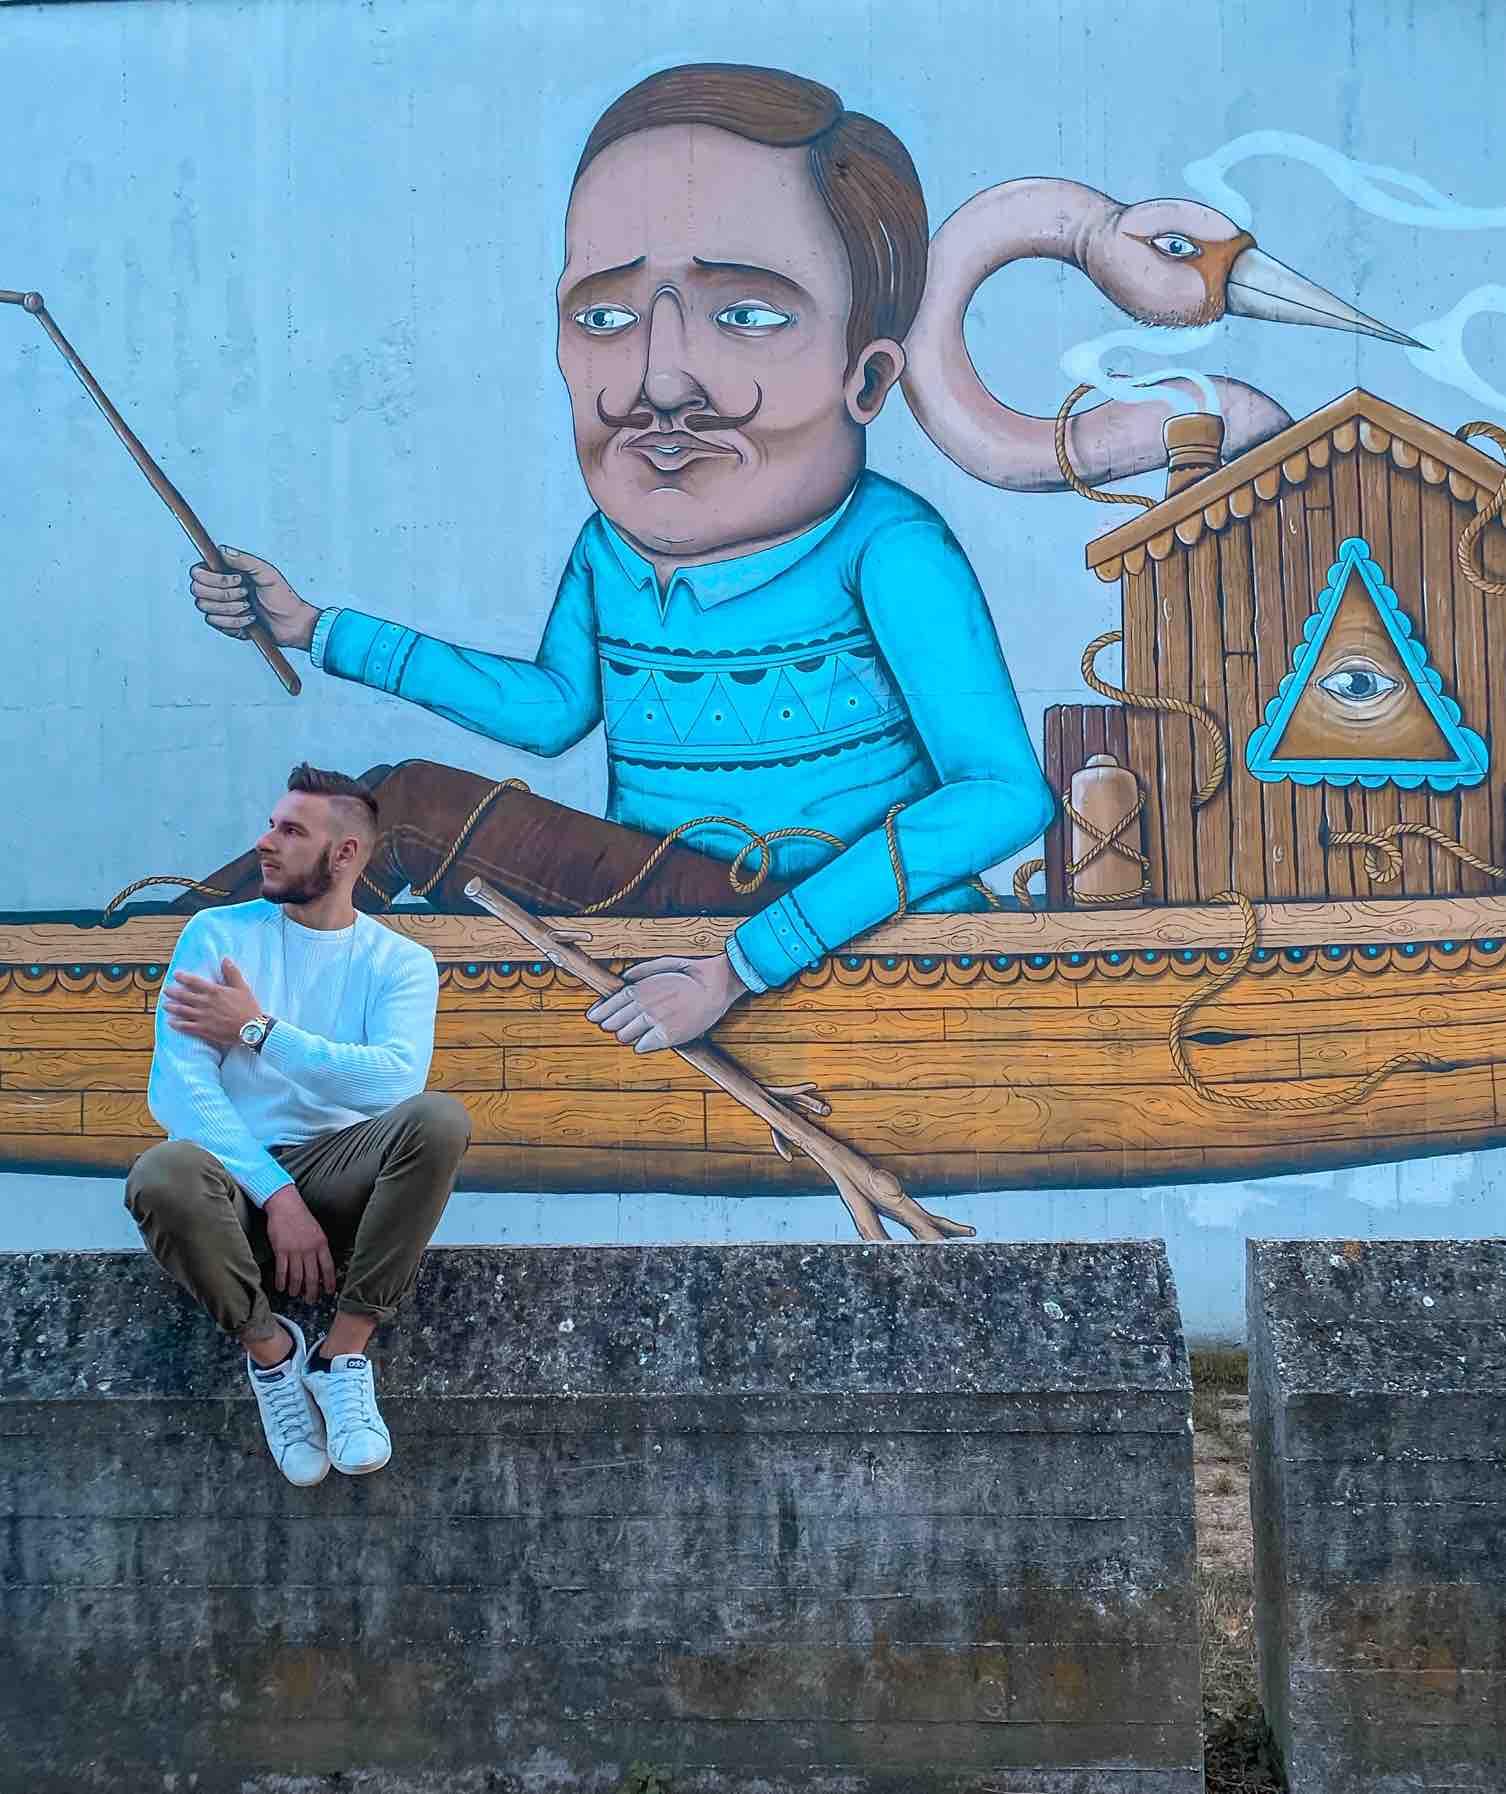 ragazzo ammira splendo murales nella città di Ravenna da vedere in un weekend